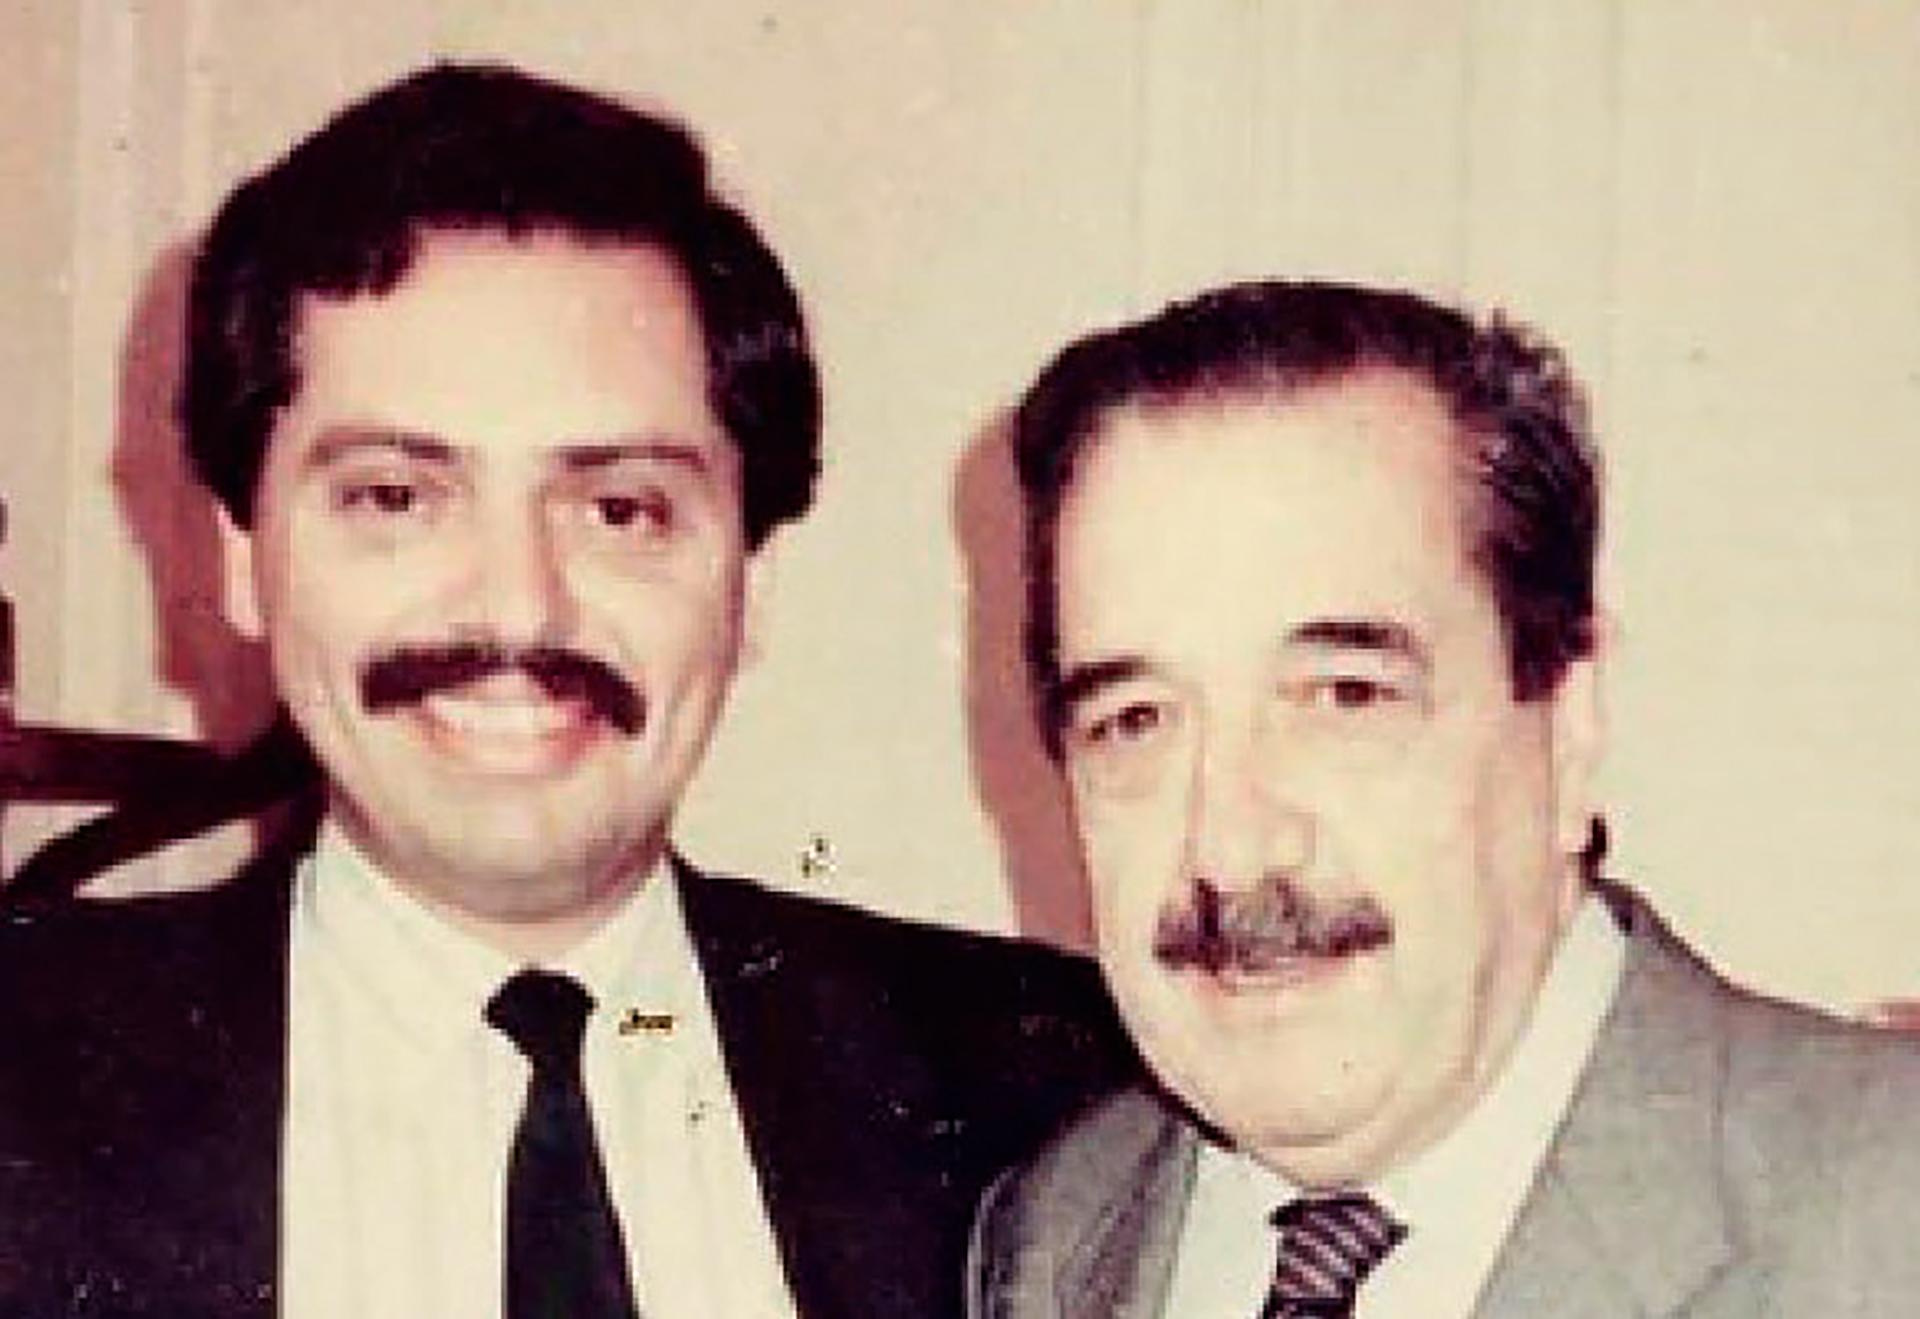 En 1985 se incorporó como funcionario del presidente Raúl Alfonsín. Primero fue director en Sumarios y luego Subdirector General de Asuntos Jurídicos del Ministerio de Economía, cuando estaba a cargo de Juan V. Sourrouille. Para ese entonces, ya se había afiliado al PJ.